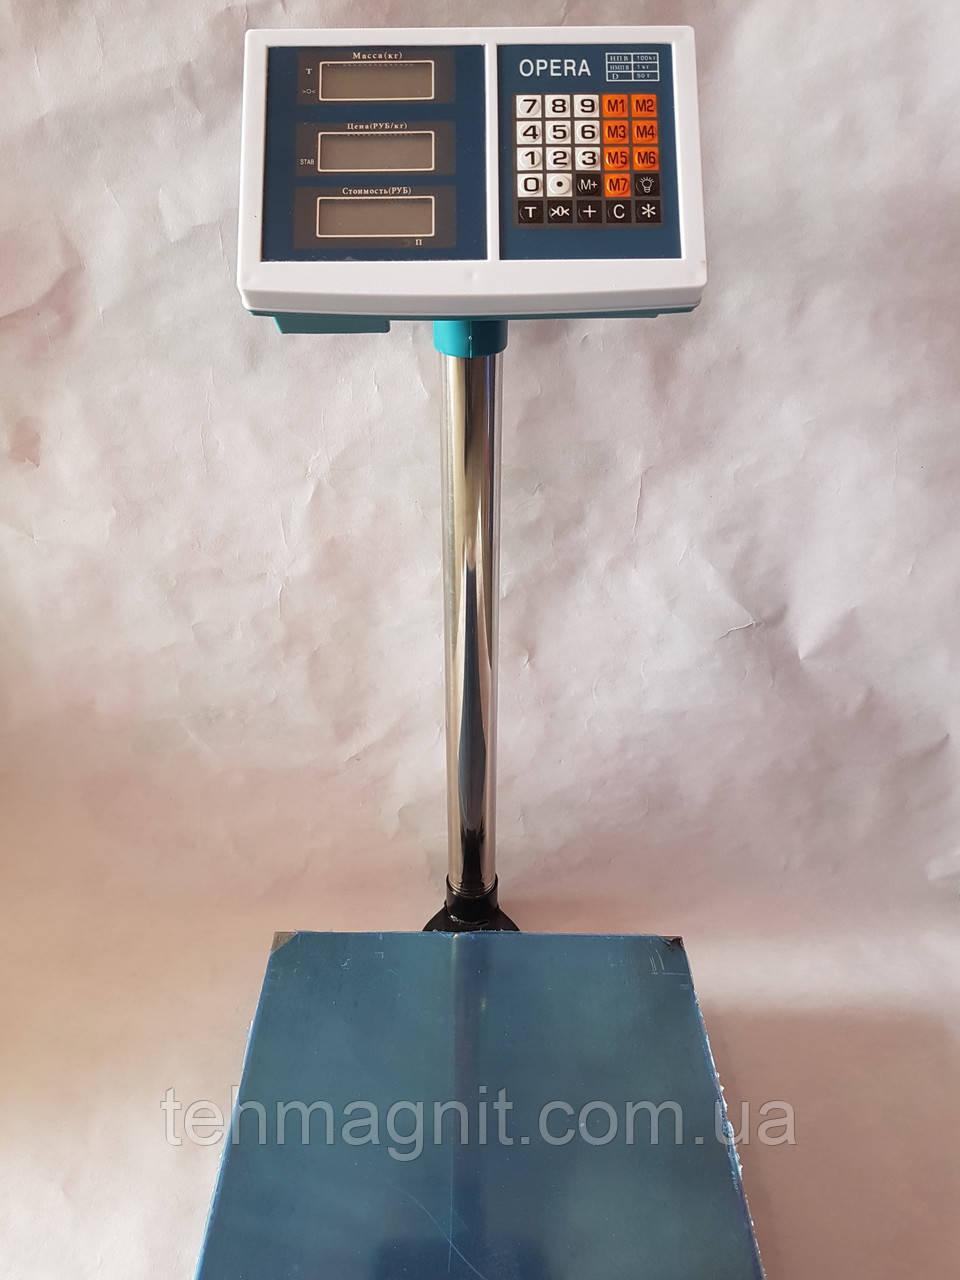 Електронні торгові ваги Opera, 100 кг